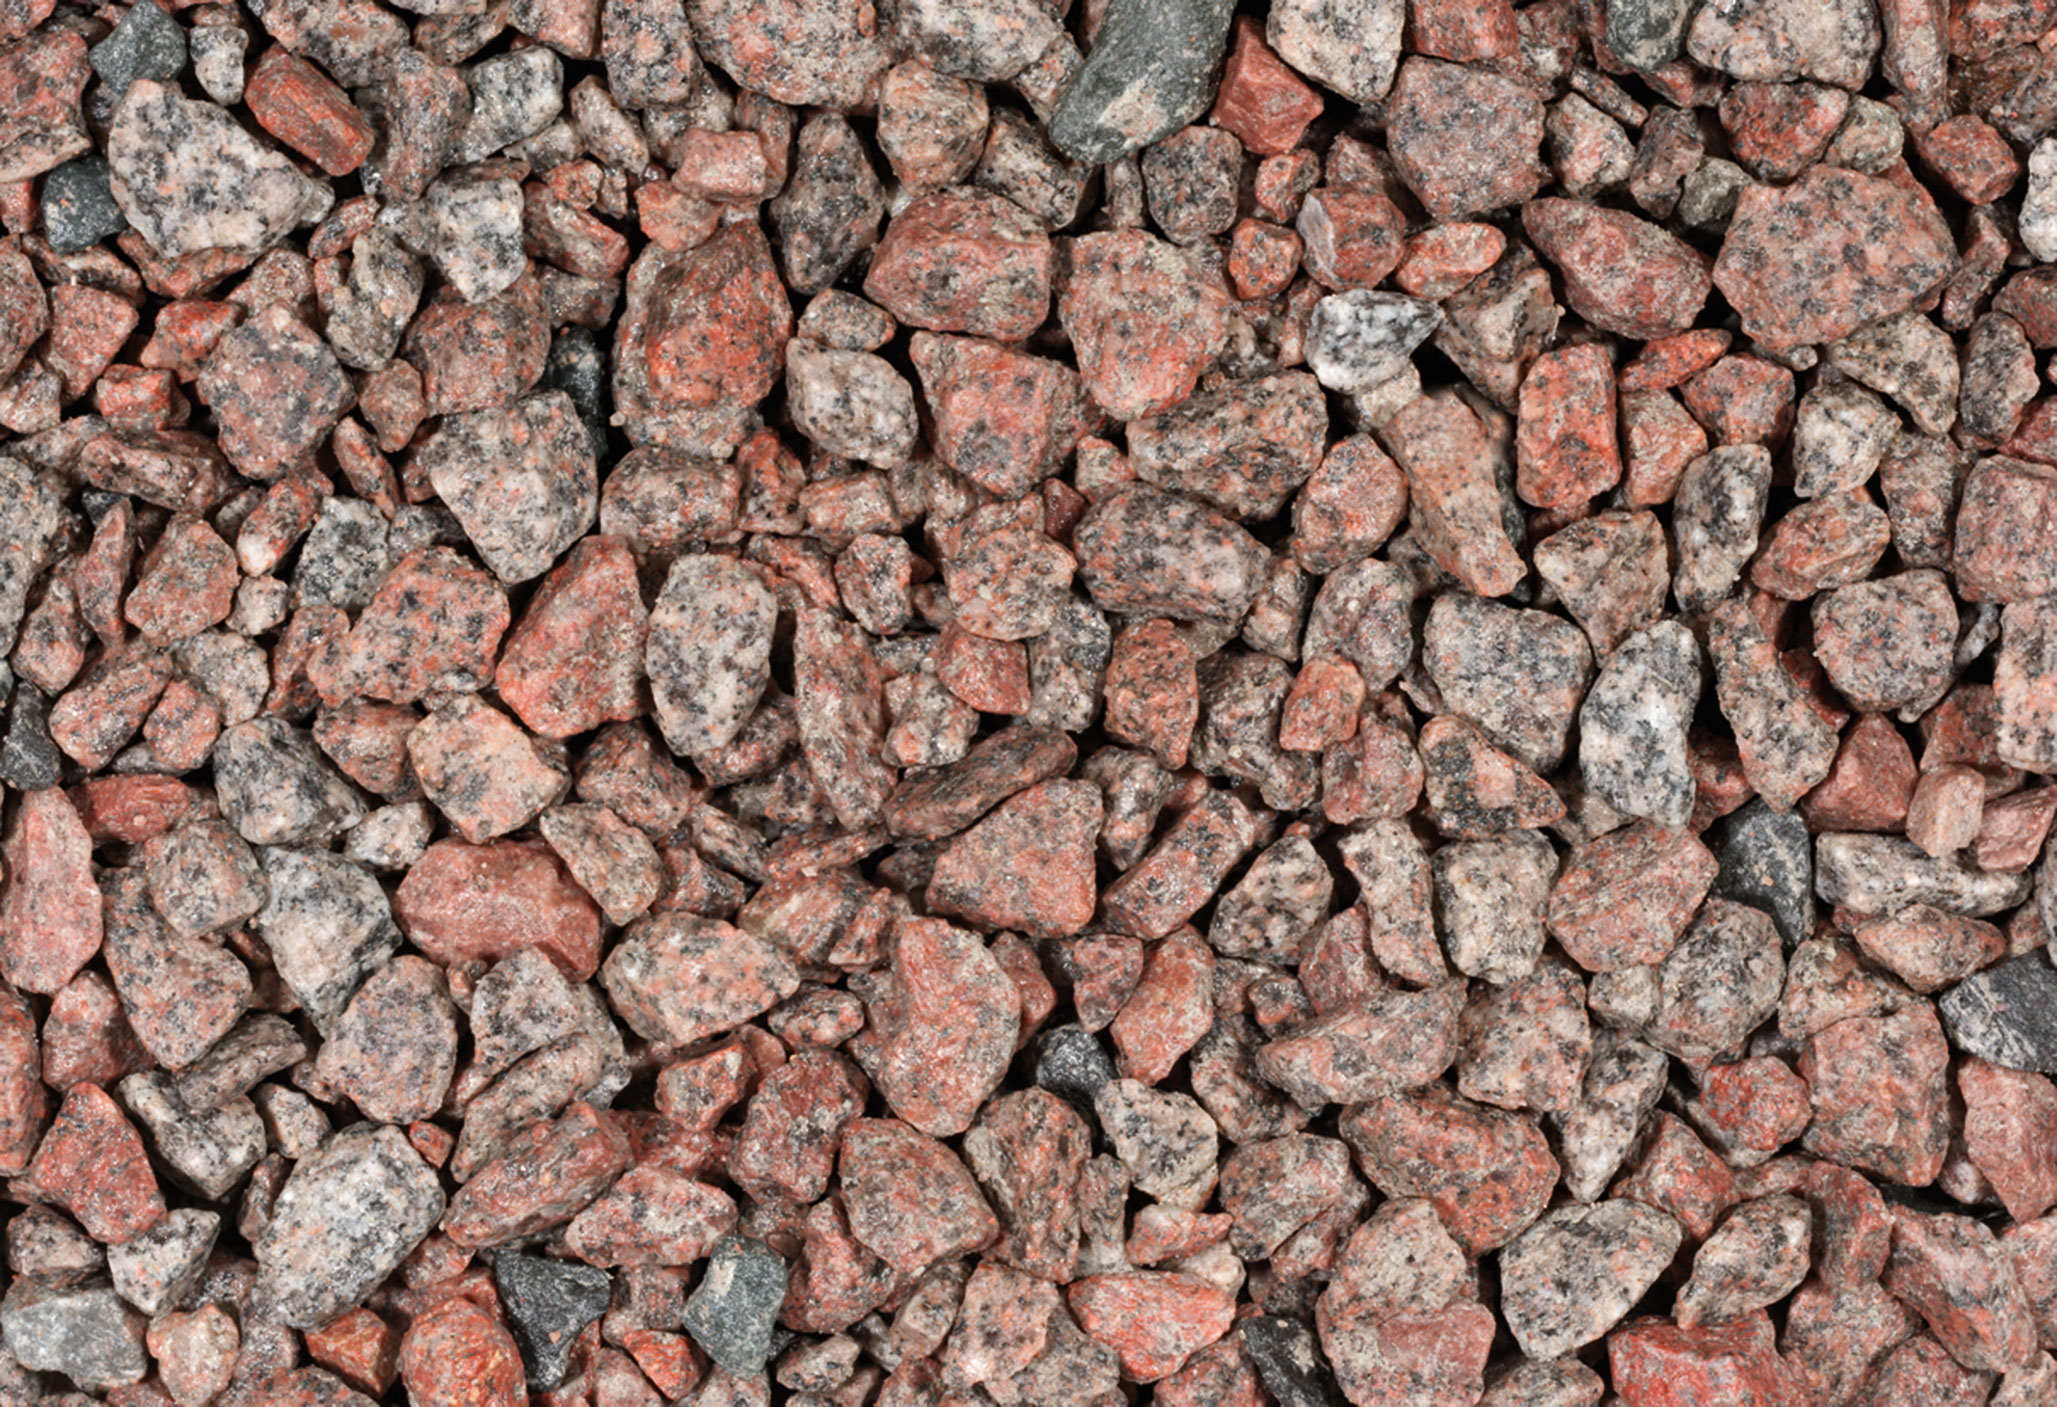 MO-B | Granietsplit rood 8-16 mm | 1500 kg